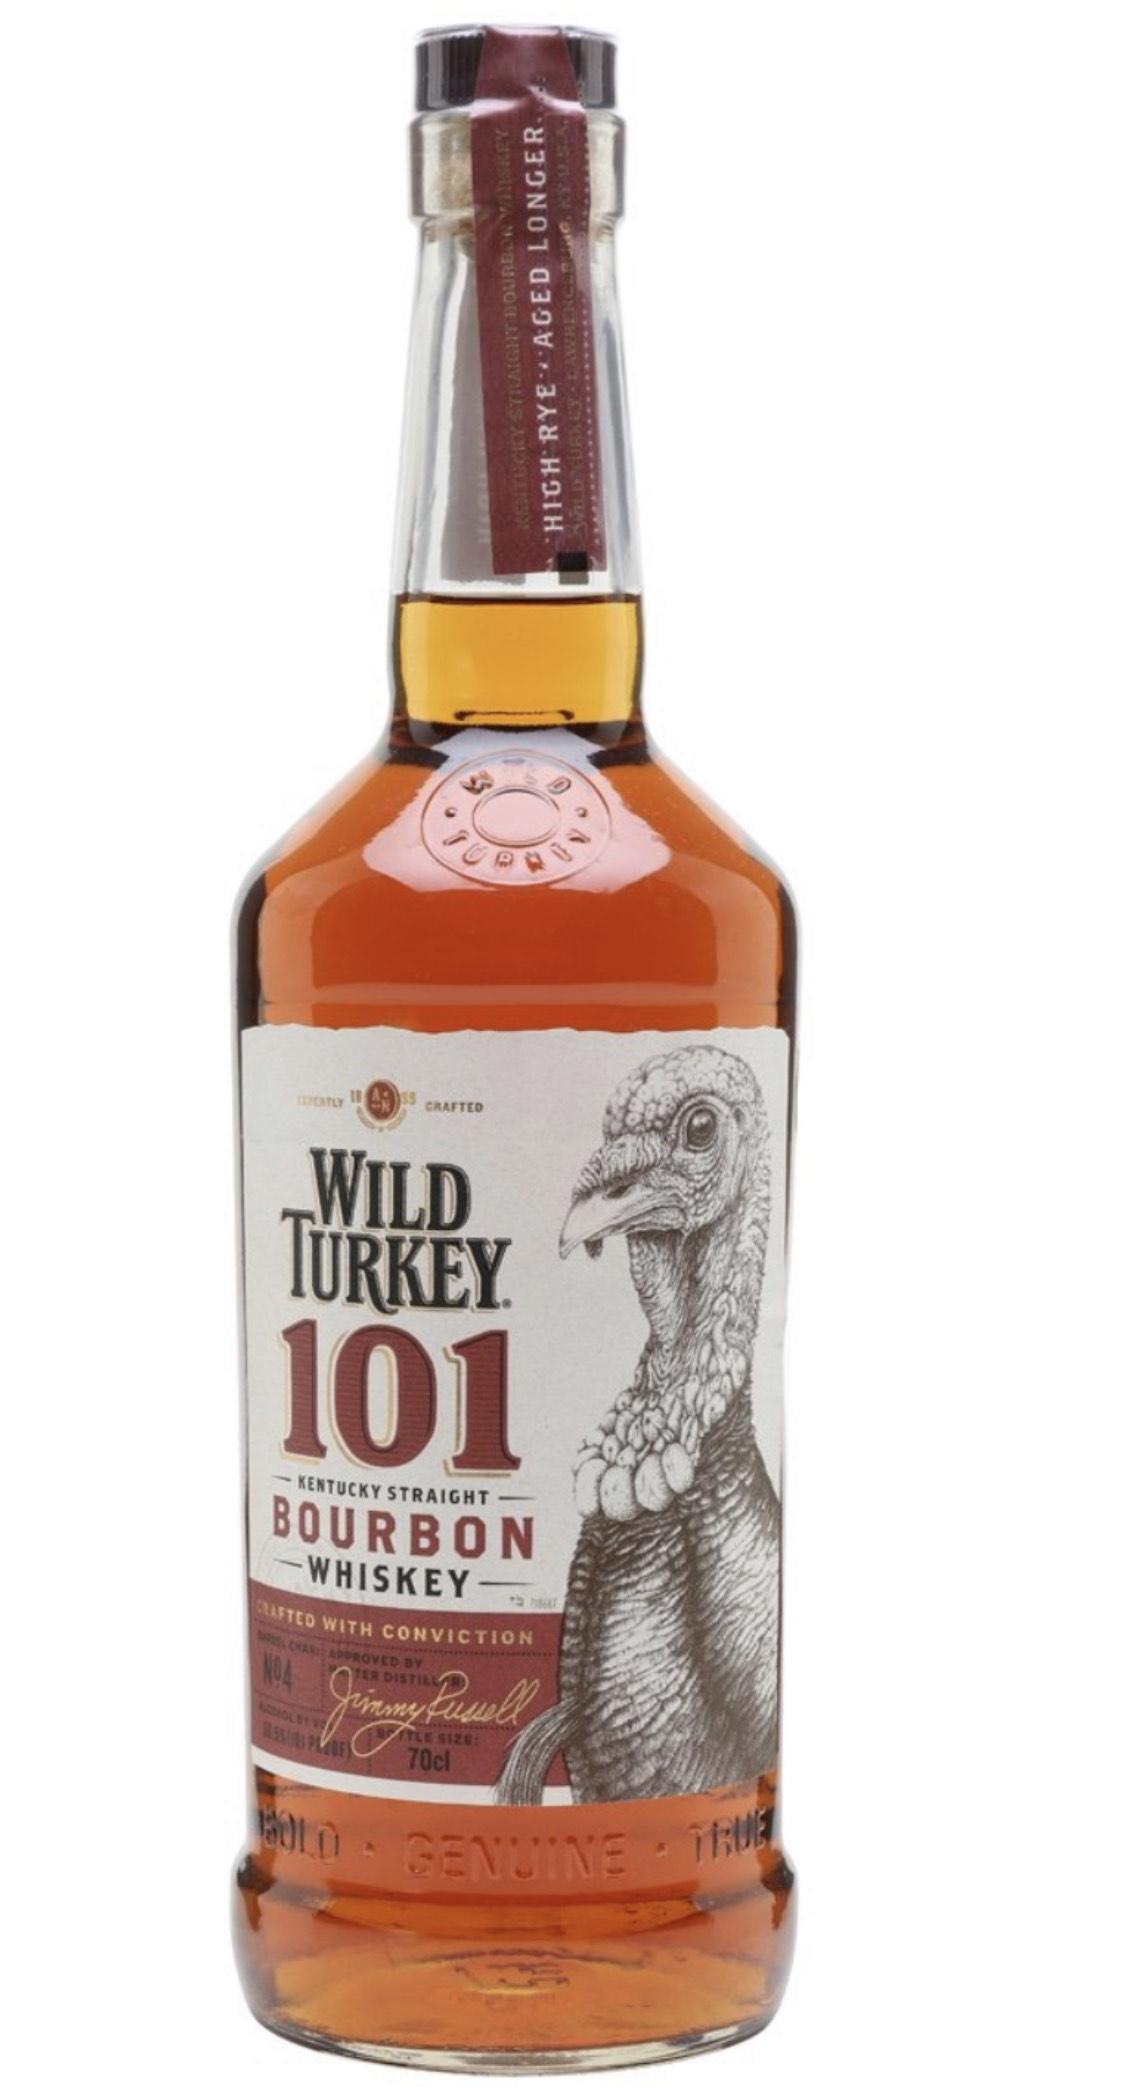 Wild Turkey Bourbon 101 @ Amazon - £22.44